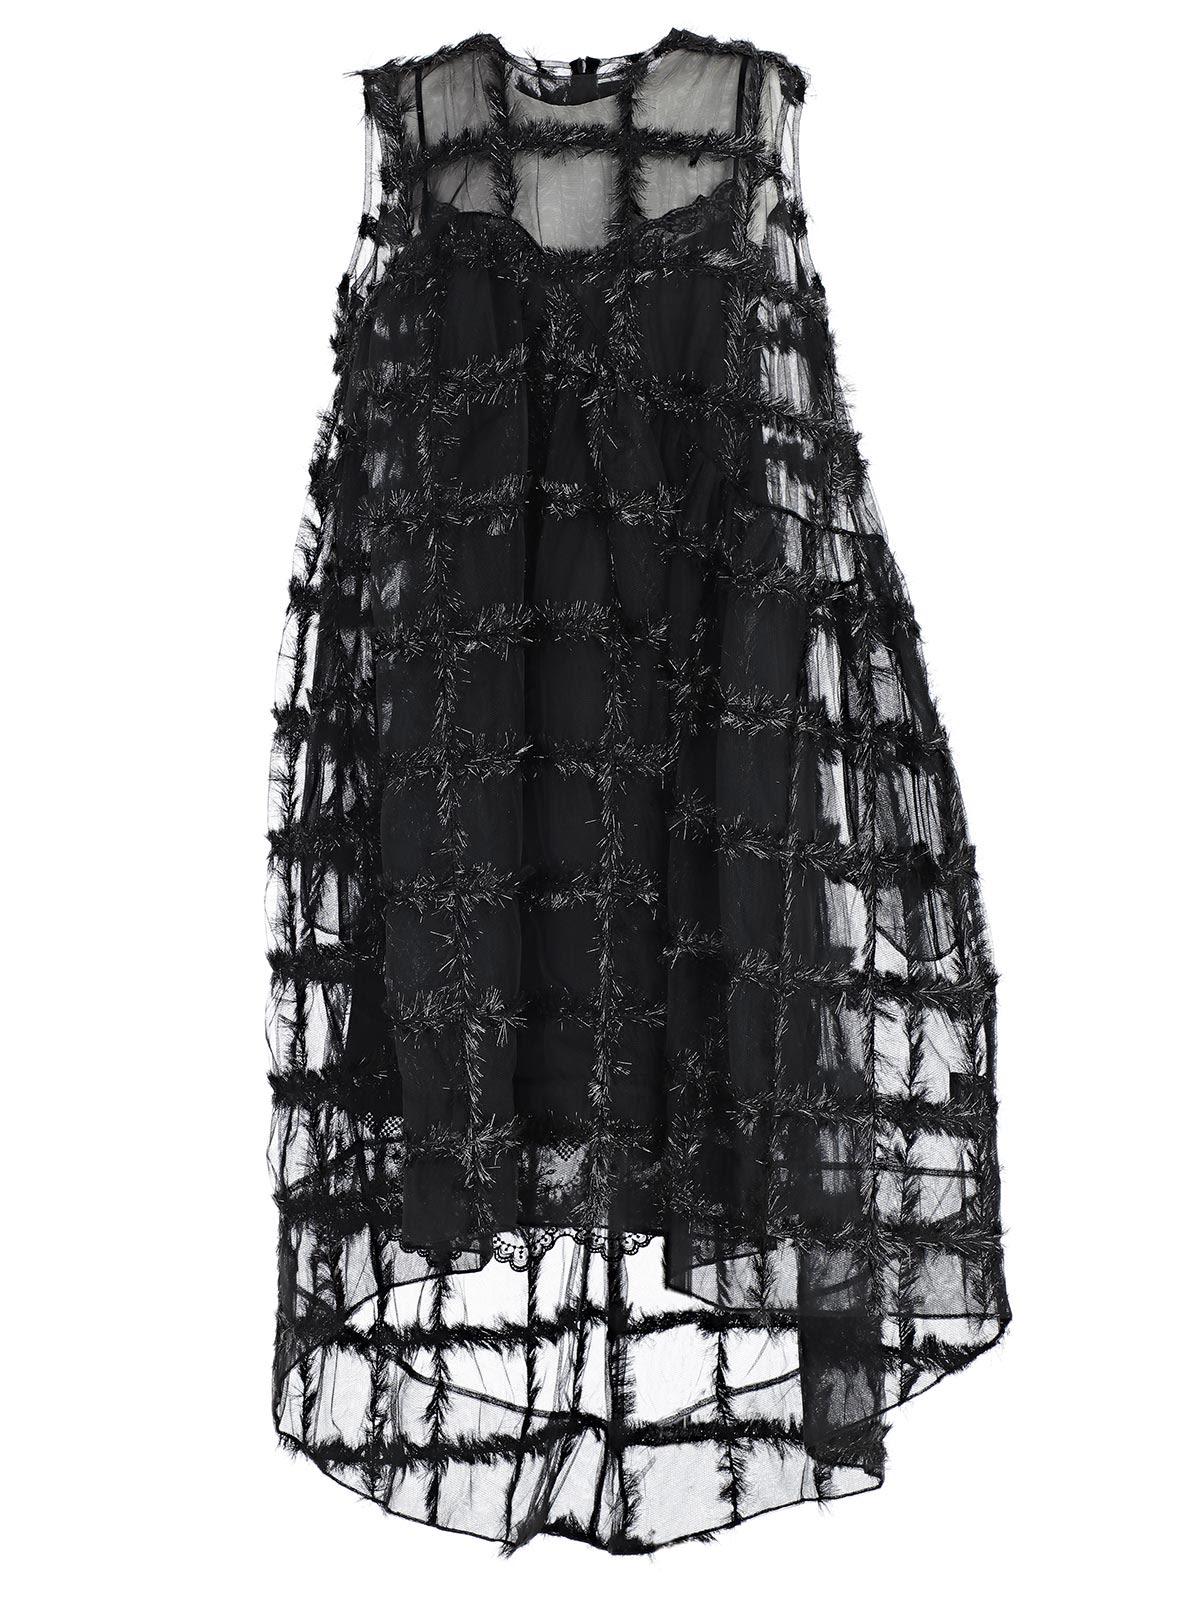 ASYMMETRIC SLEEVELESS DRESS